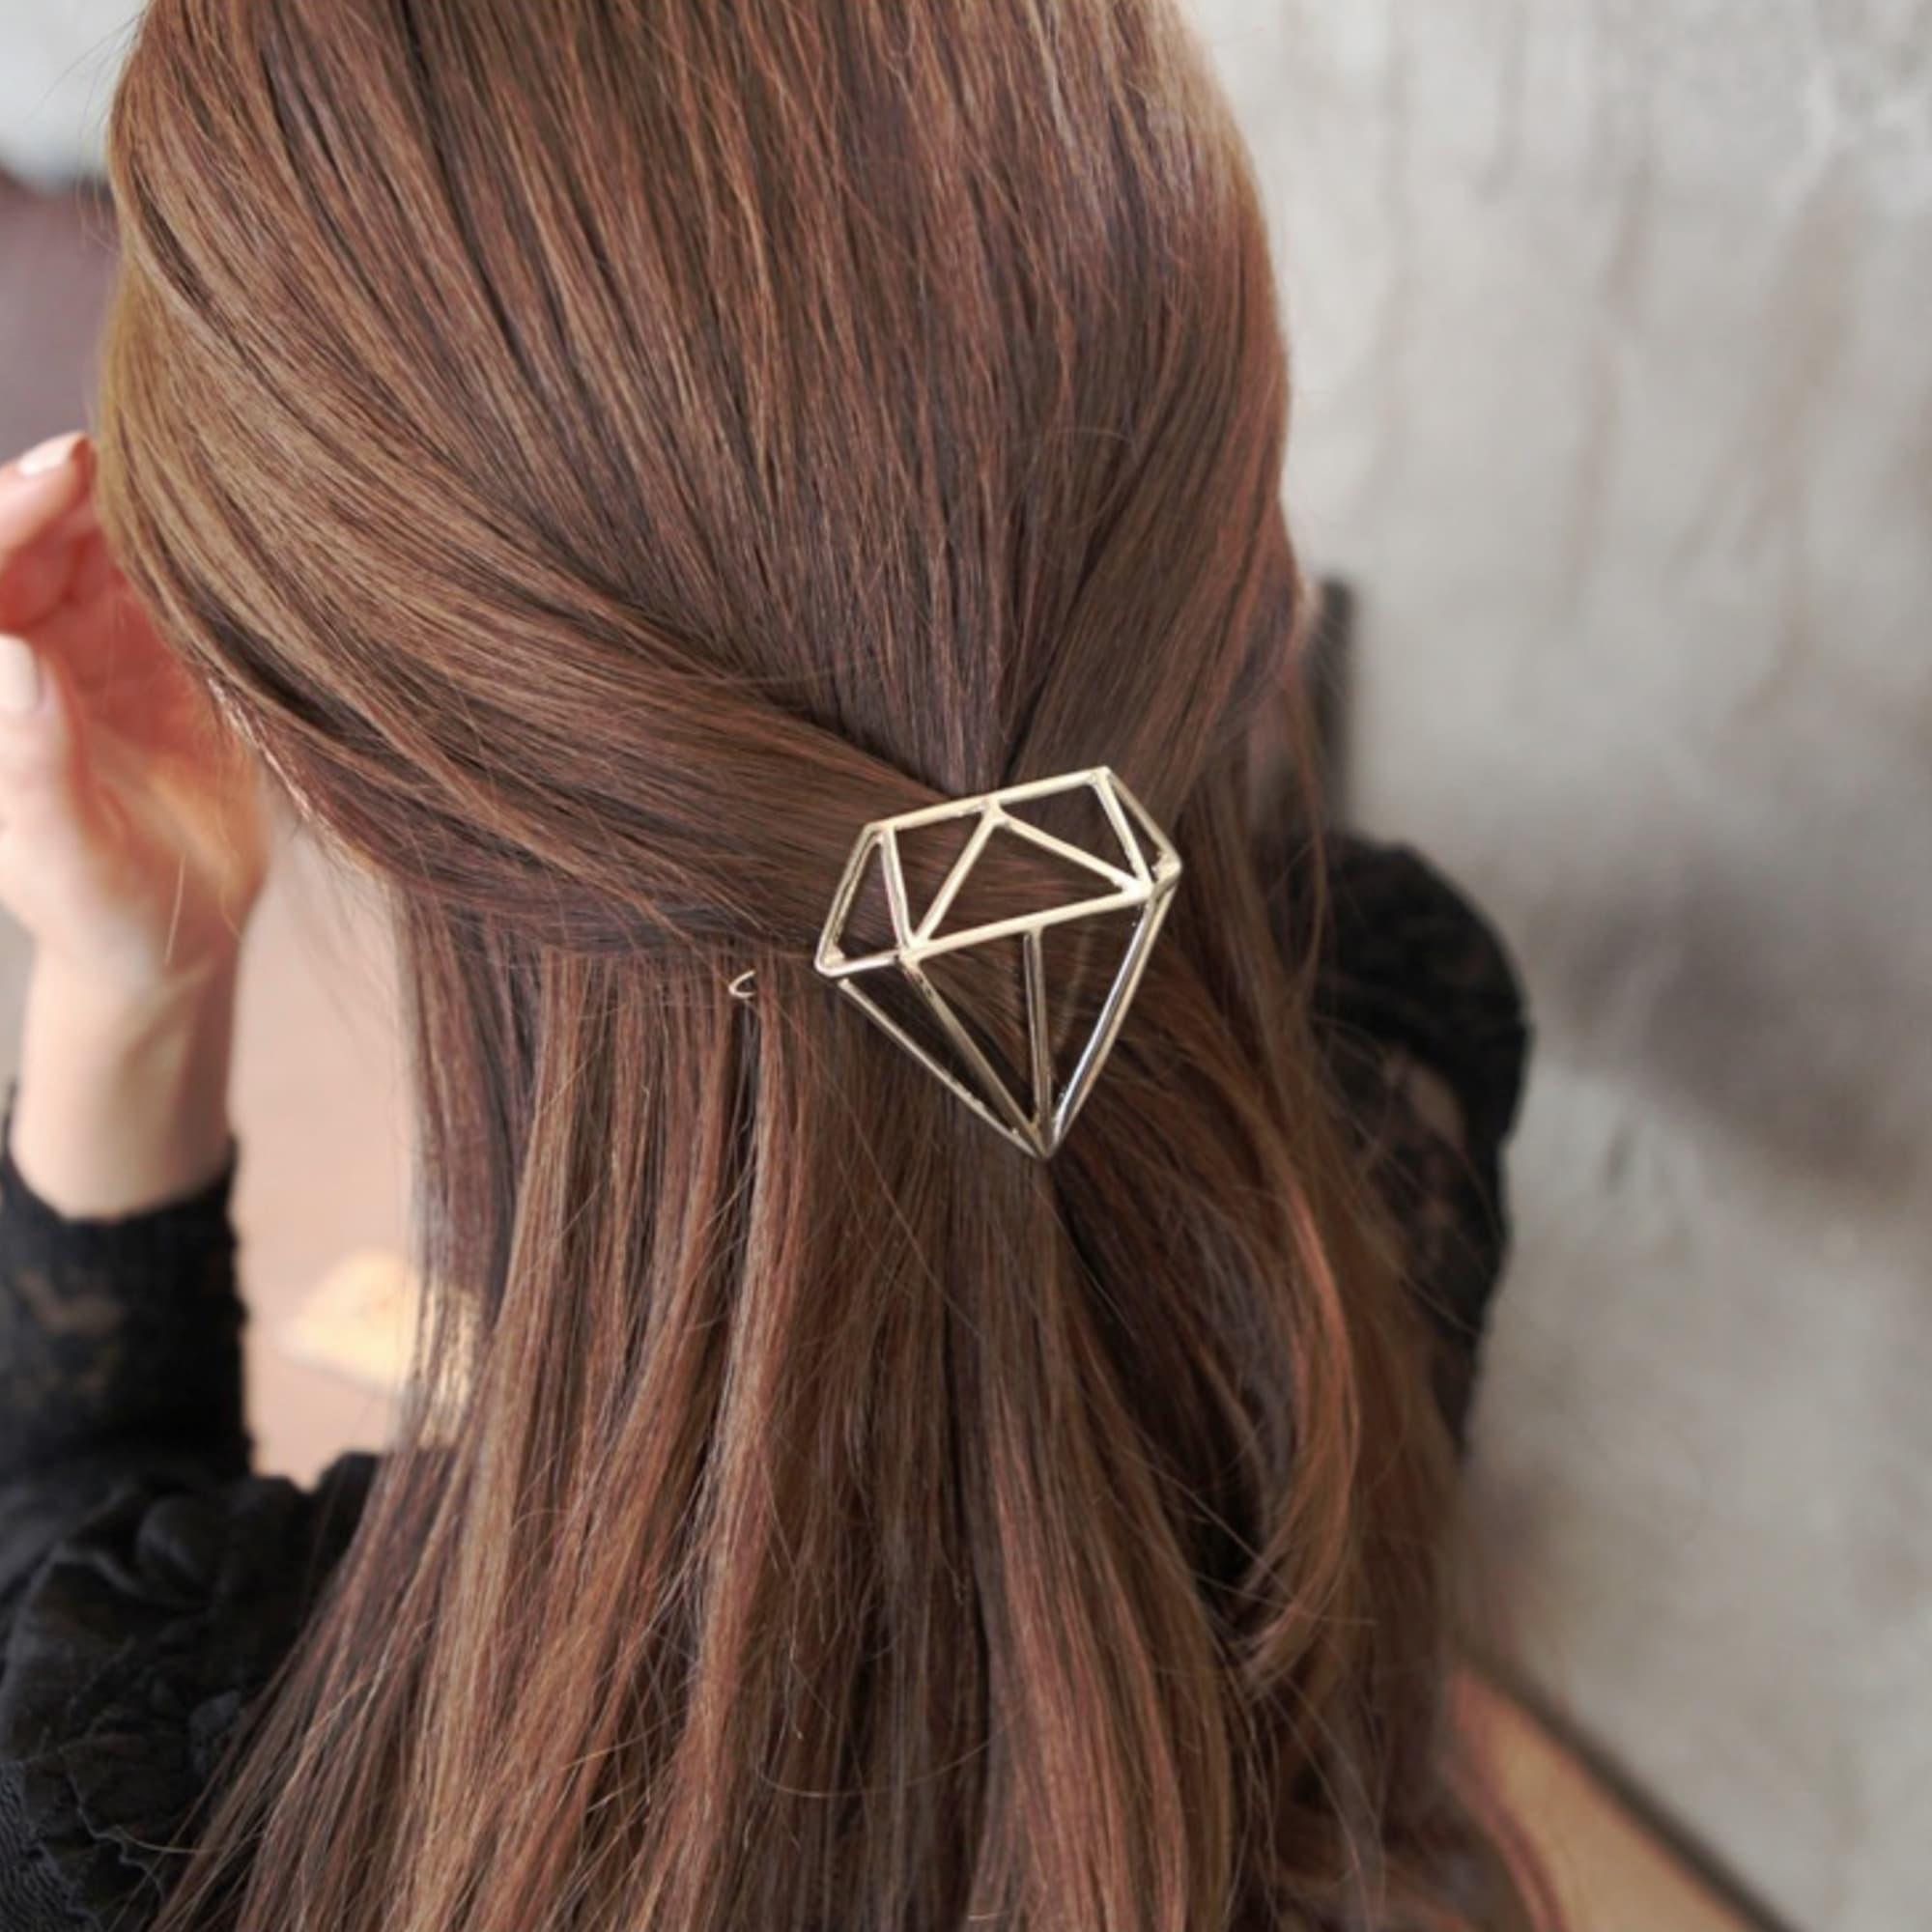 Predlžovanie vlasov a účesy - Spona do vlasov Diamond ... e94b427fd9